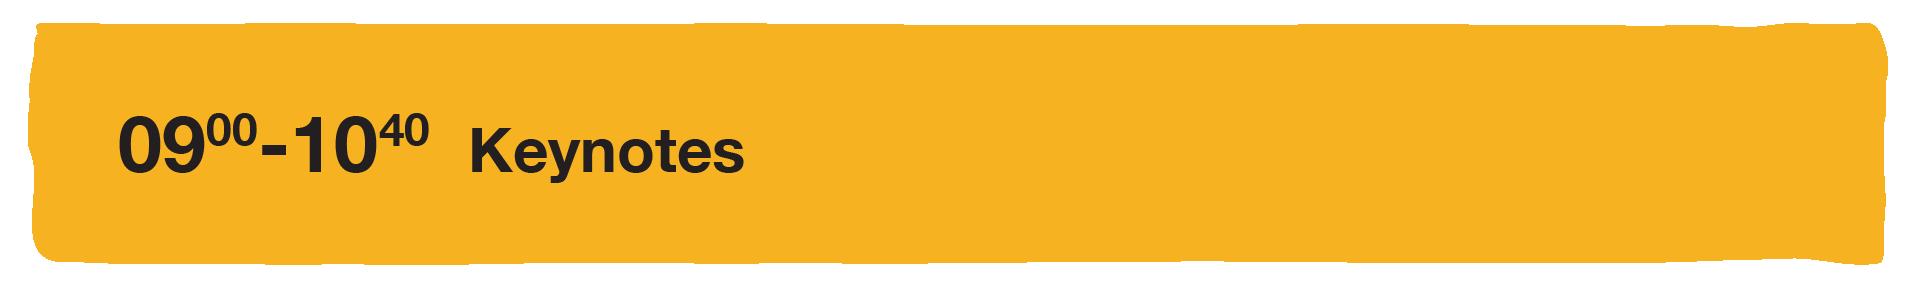 Agnda 2019-03.png